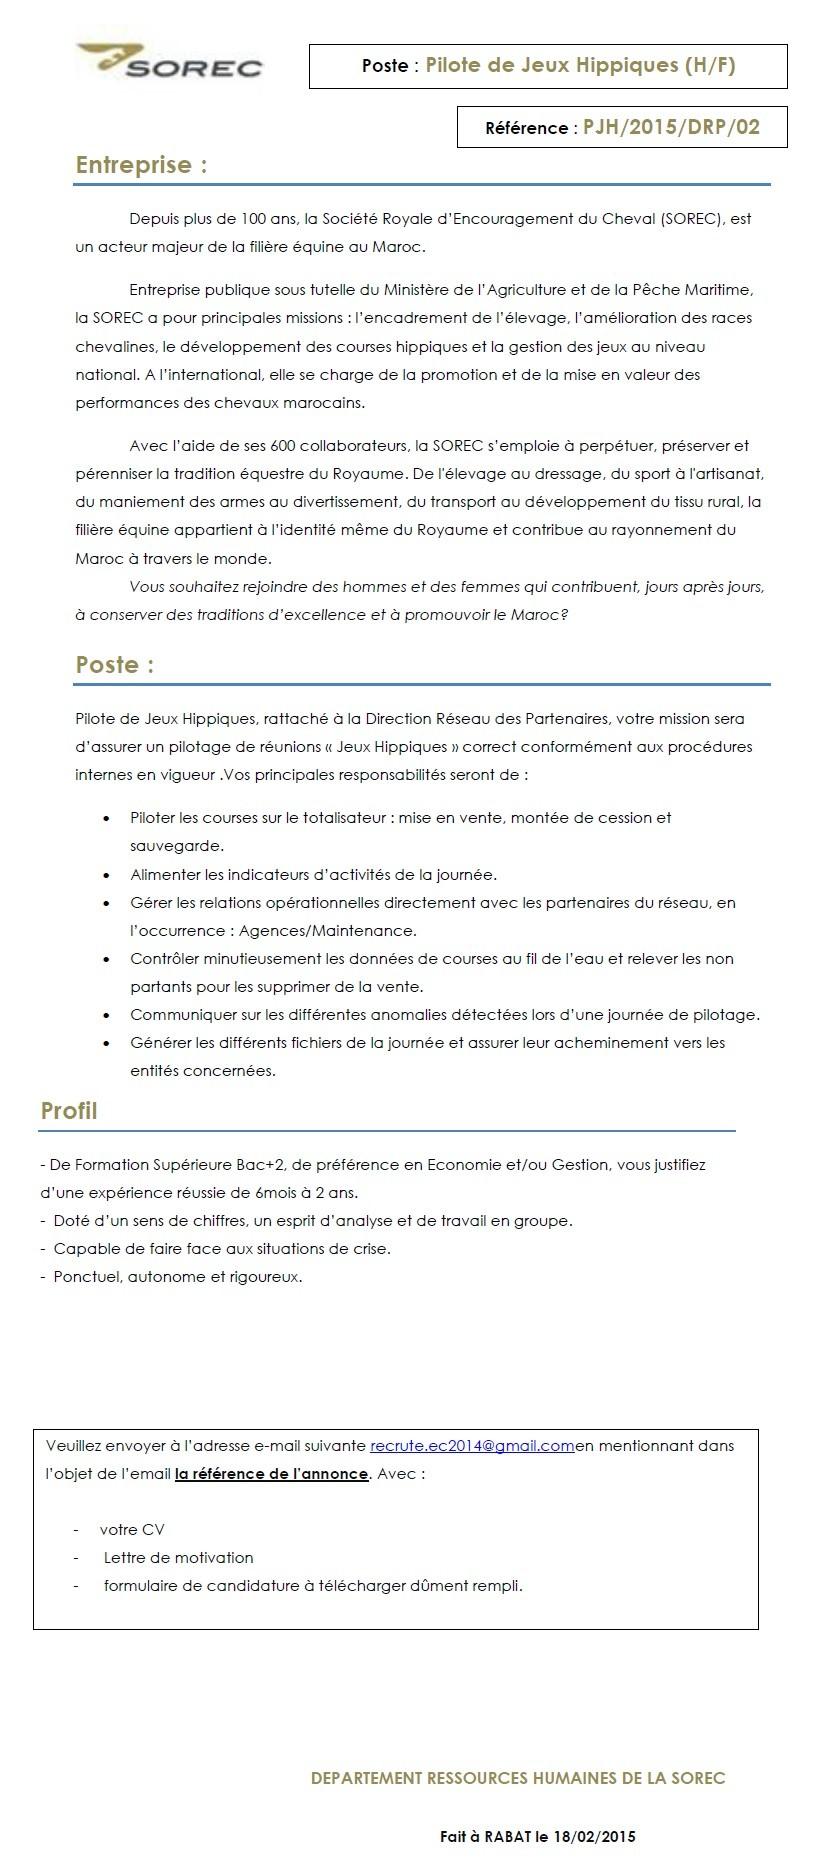 الشركة الملكية لتشجيع الفرس : مباراة لتوظيف مستشار هاتفي (2) و تقني (3) و مسؤول عن التسويق الرقمي (1) و منشط تجاري (1) آخر أجل لإيداع الترشيحات 15 مارس 2015 Concou82